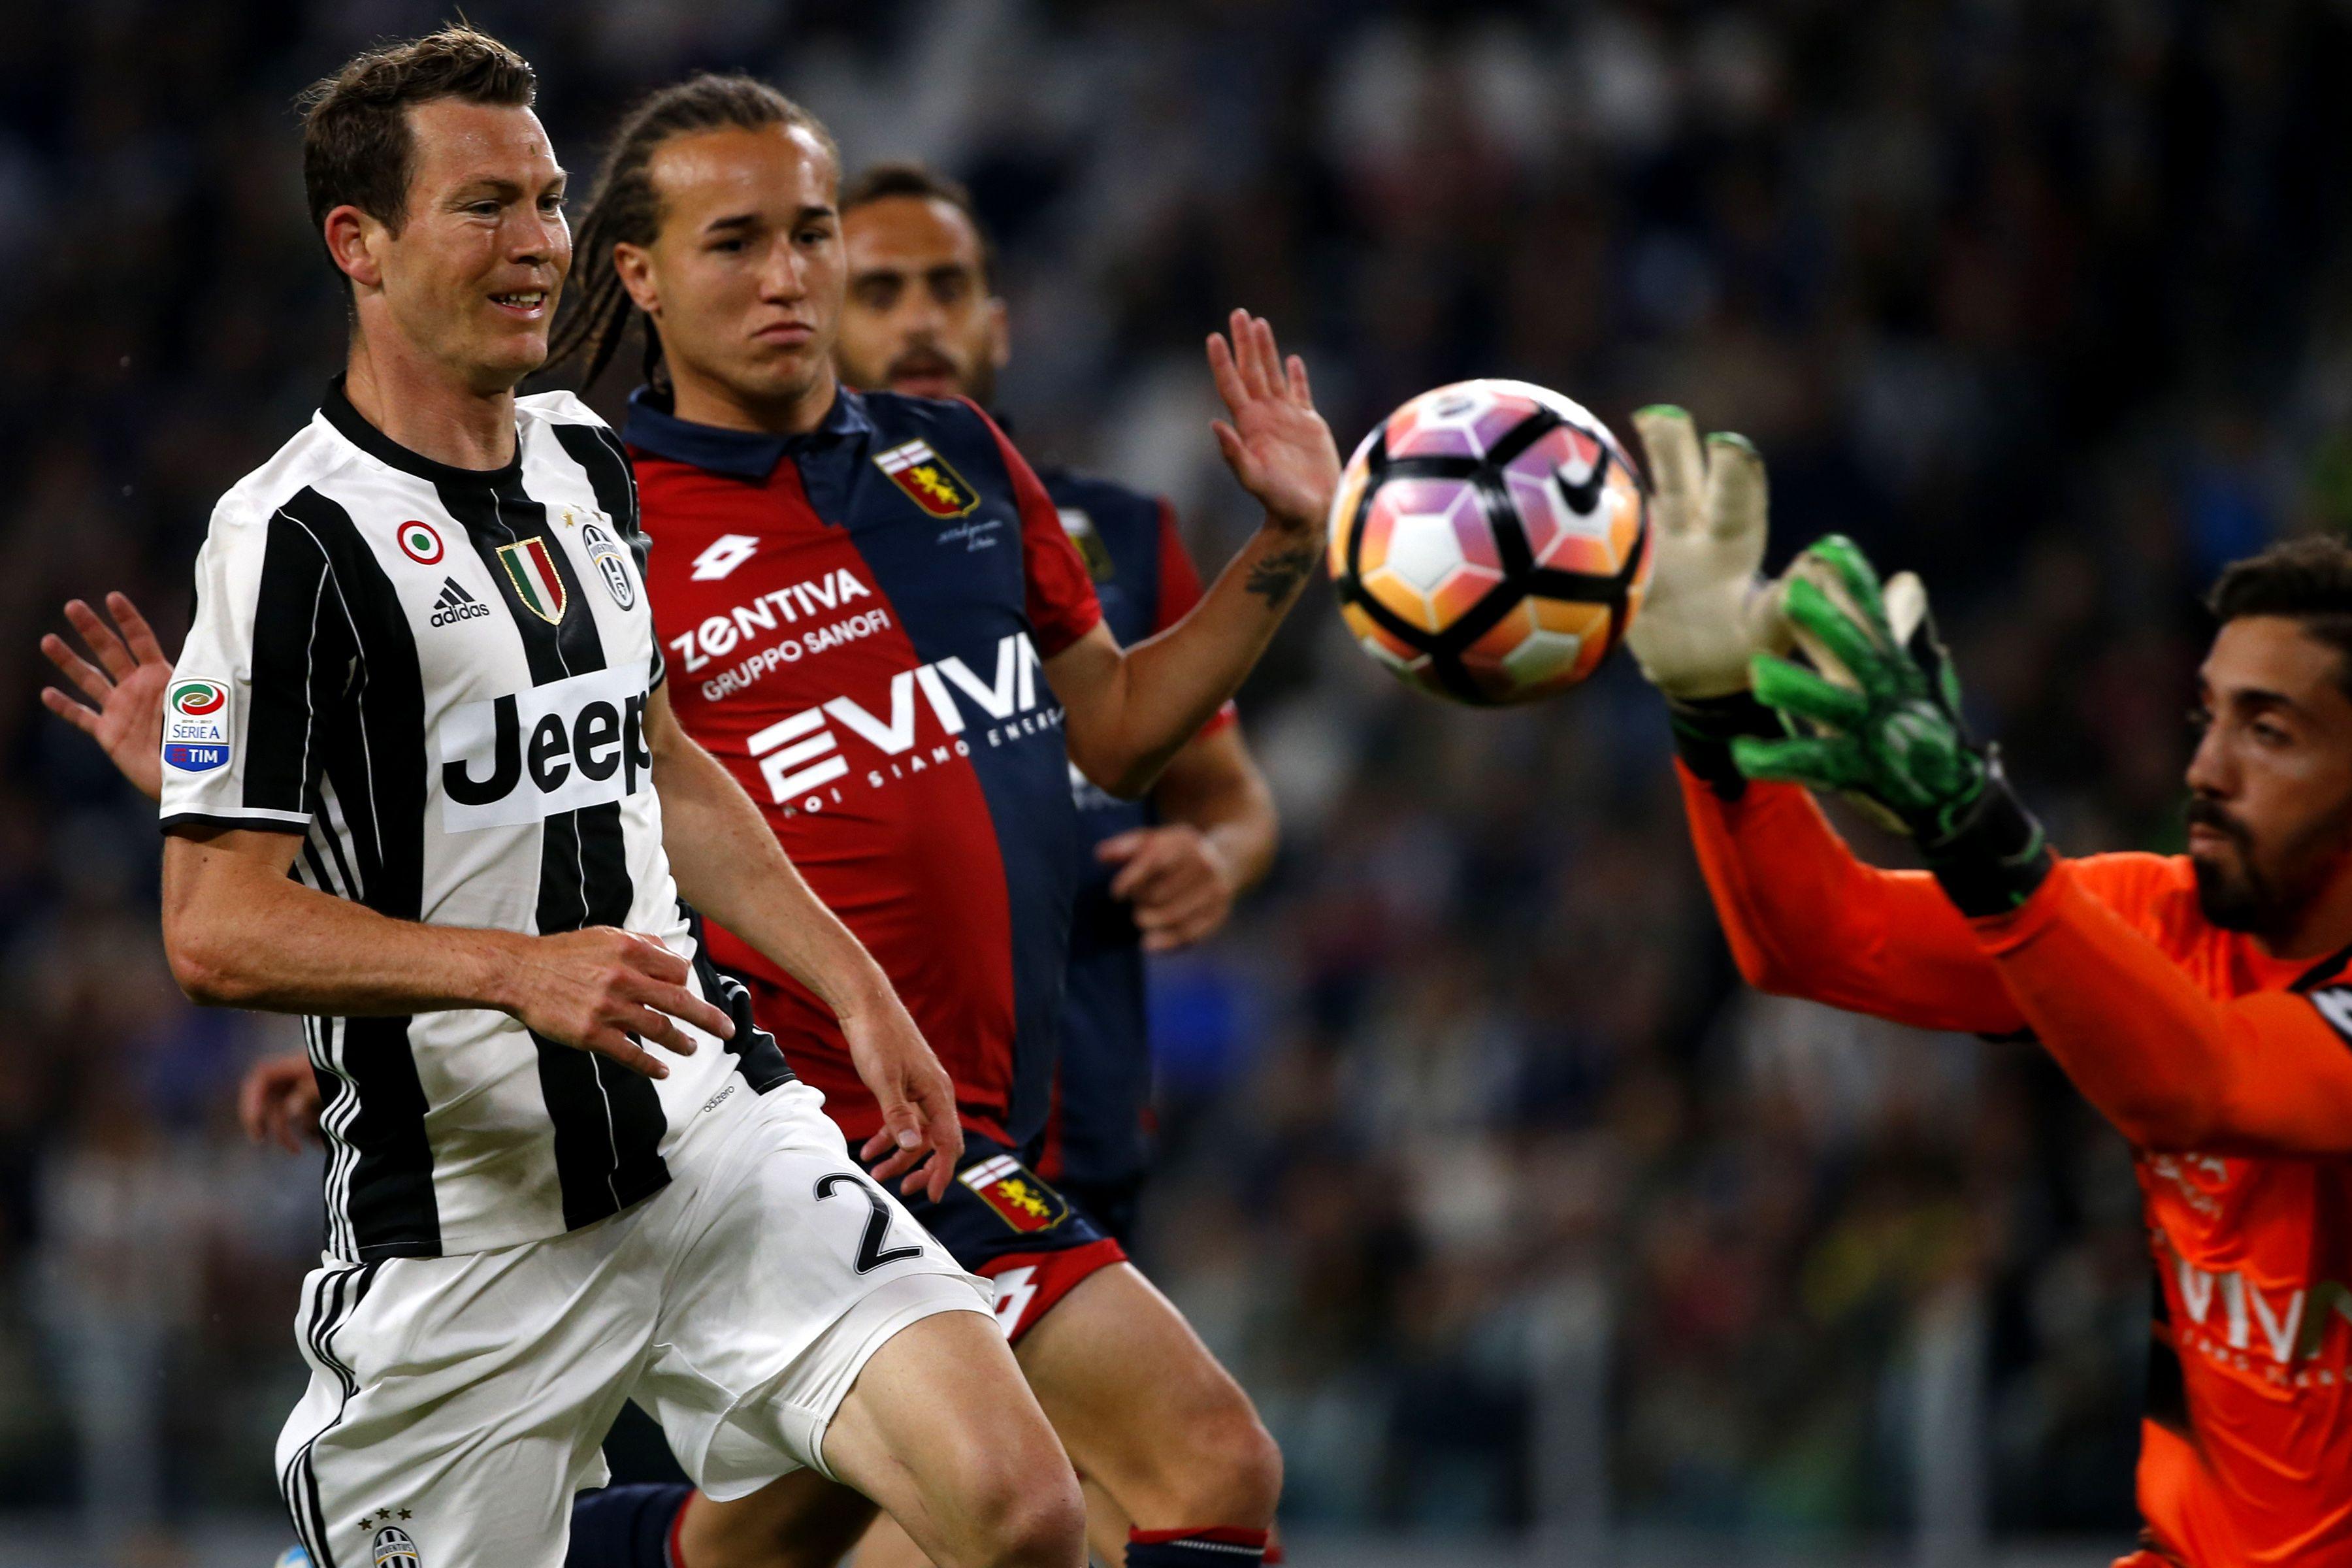 Football - Etranger - Serie A: Juventus-Genoa en direct